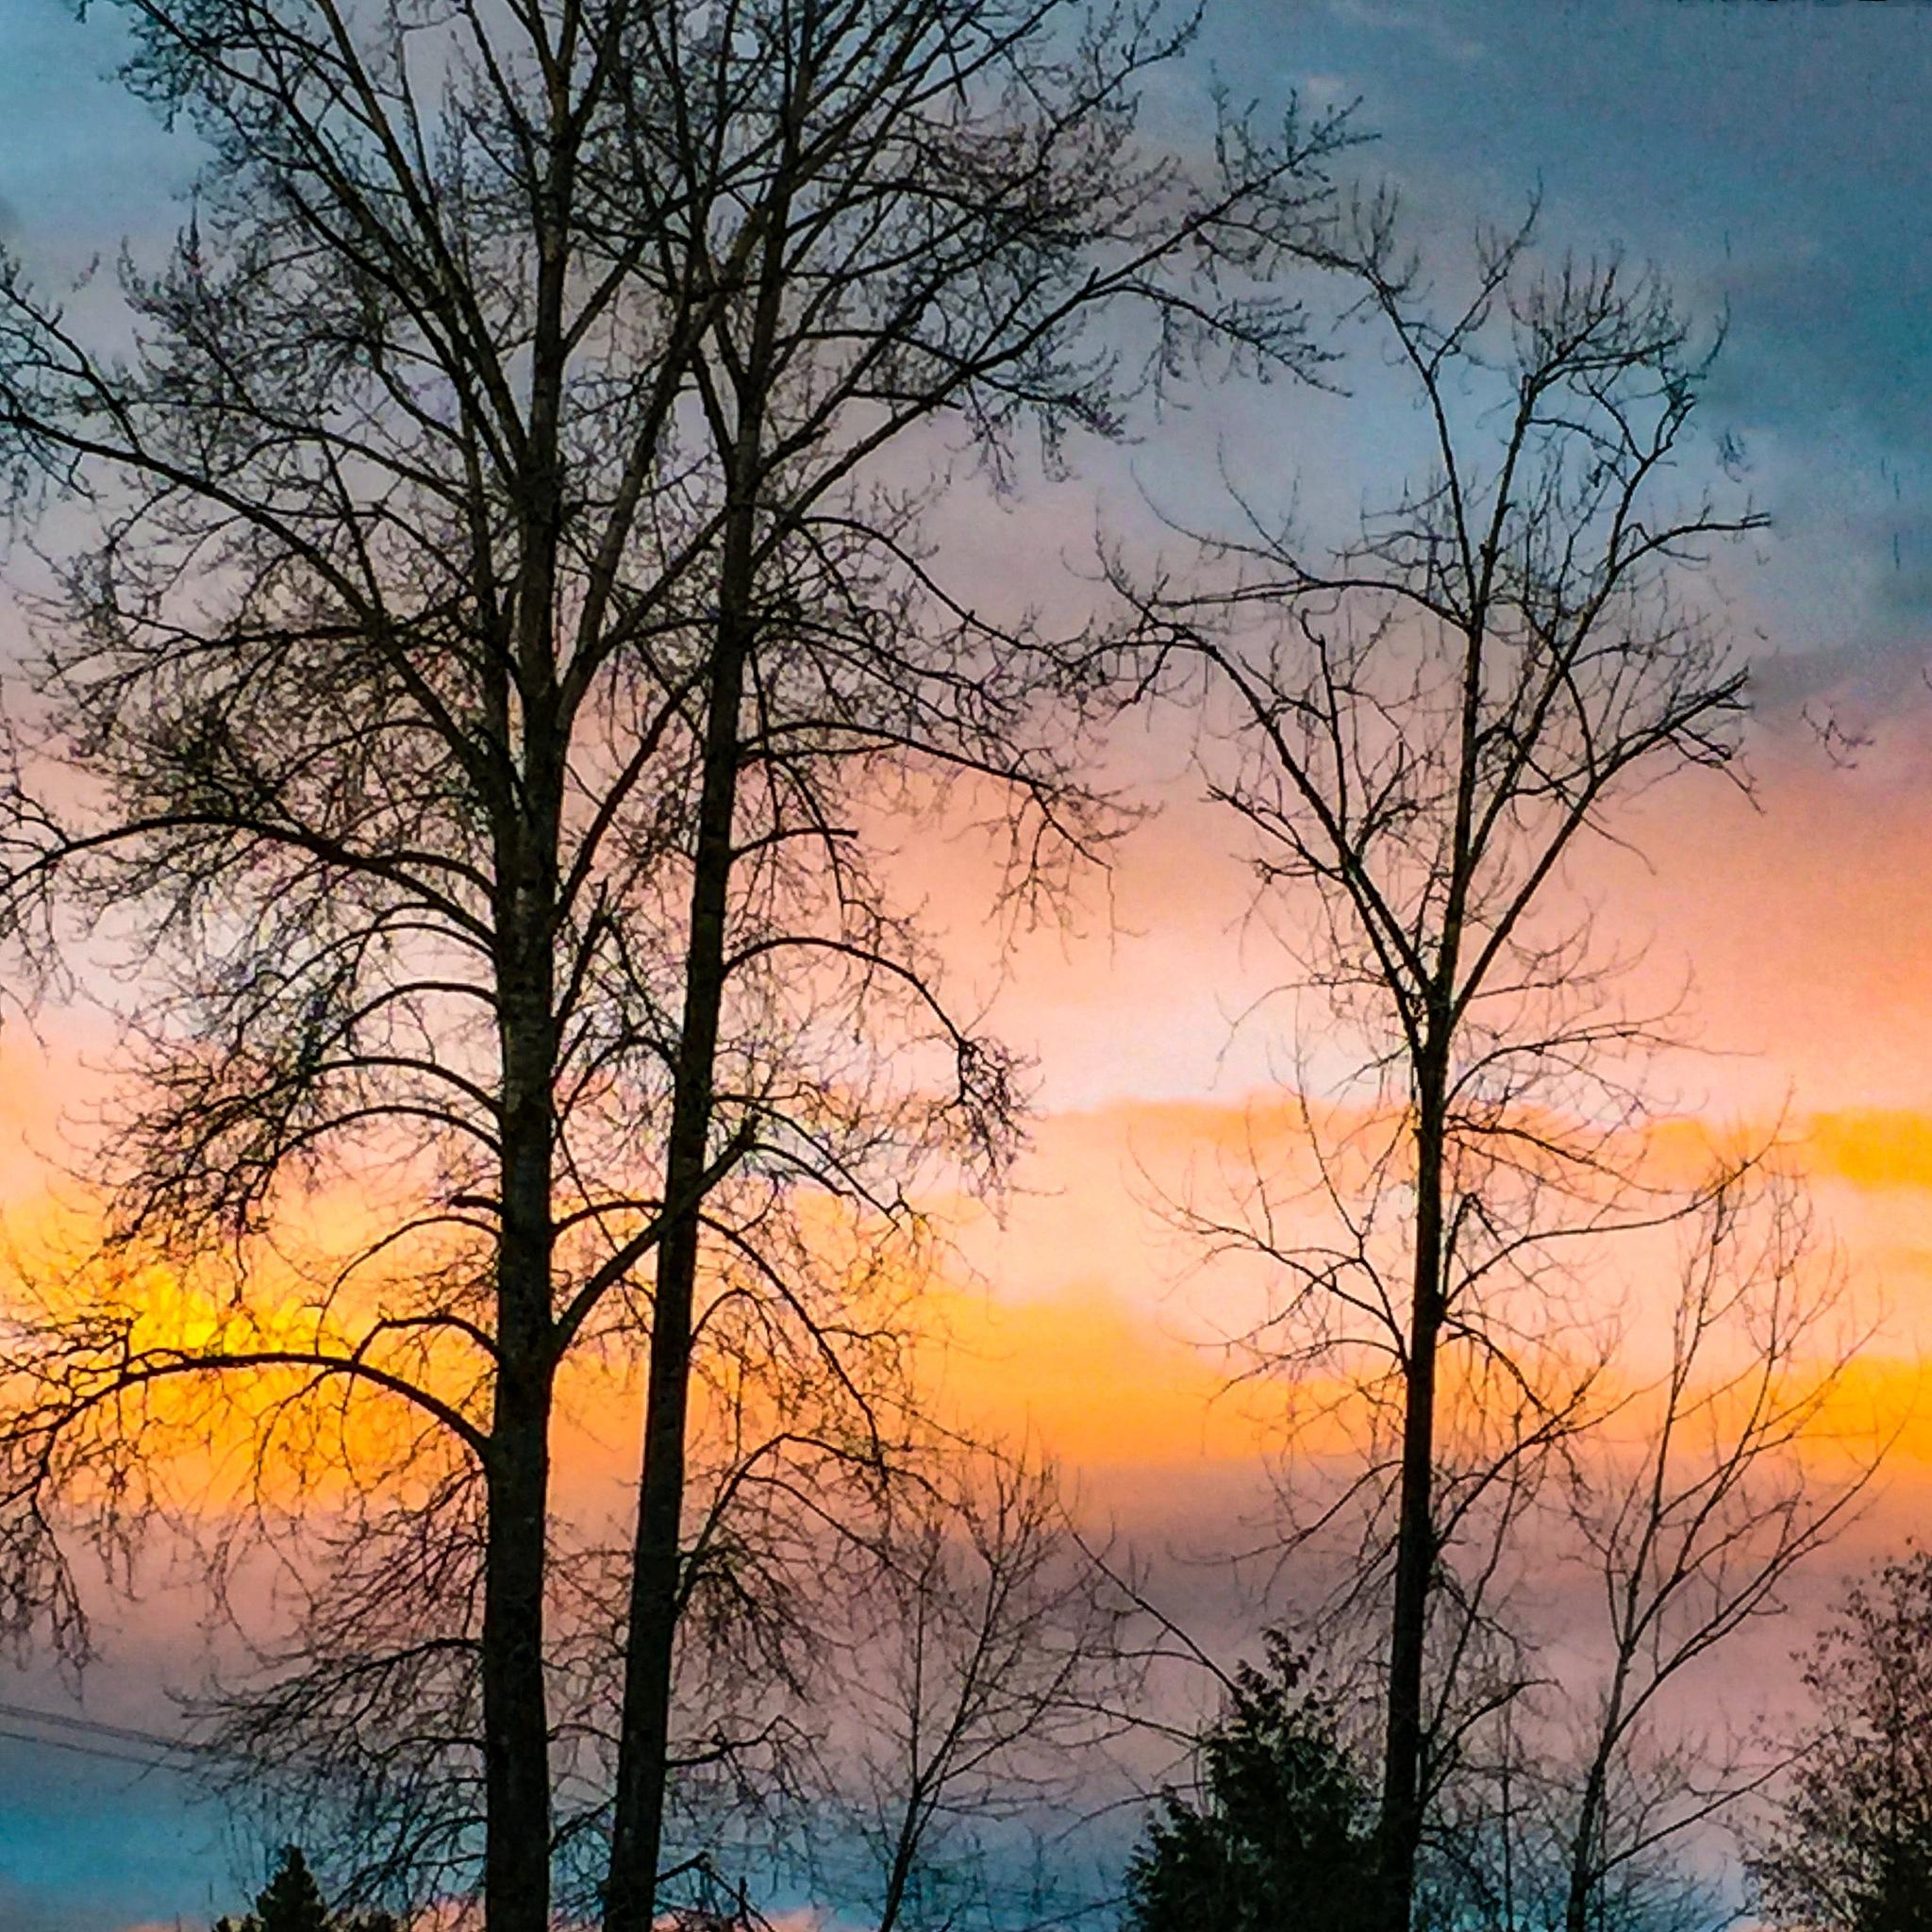 Sunset in my neighbourhood by Metro Van Primus